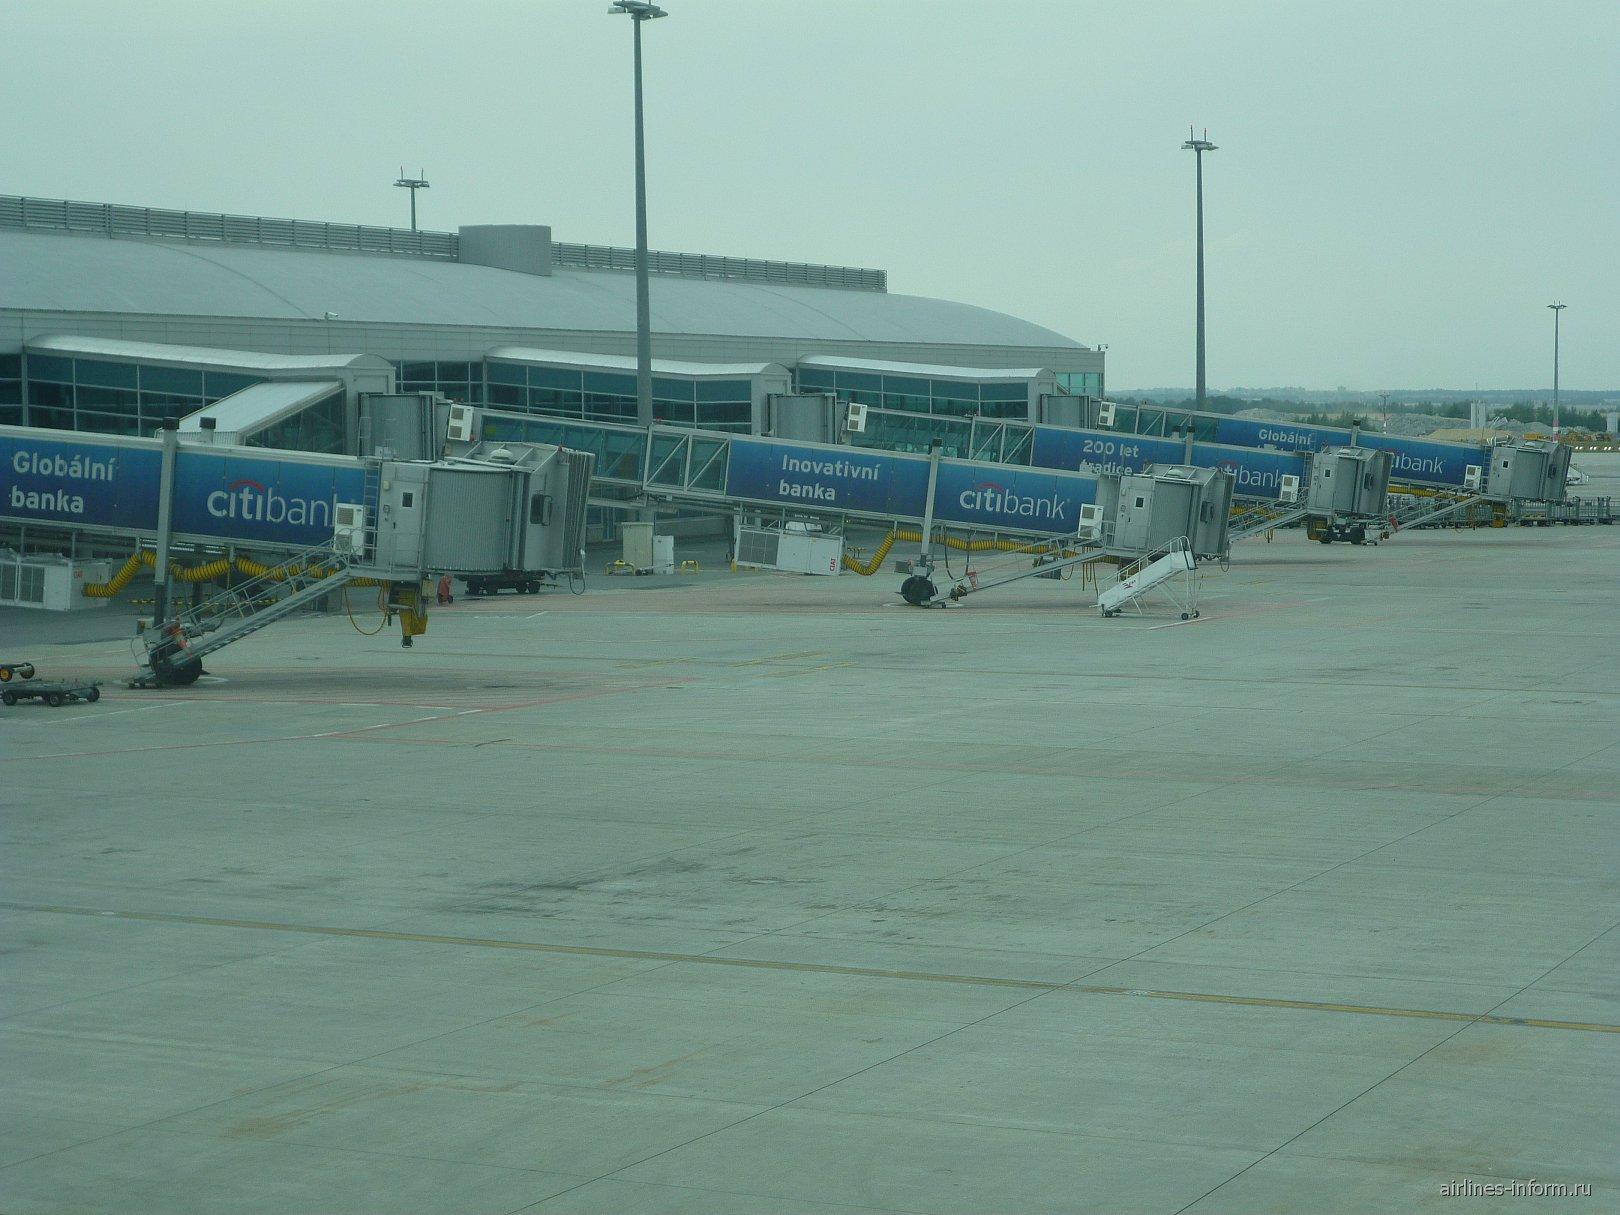 Терминал 1 аэропорта имени Вацлава Гавела в Праге